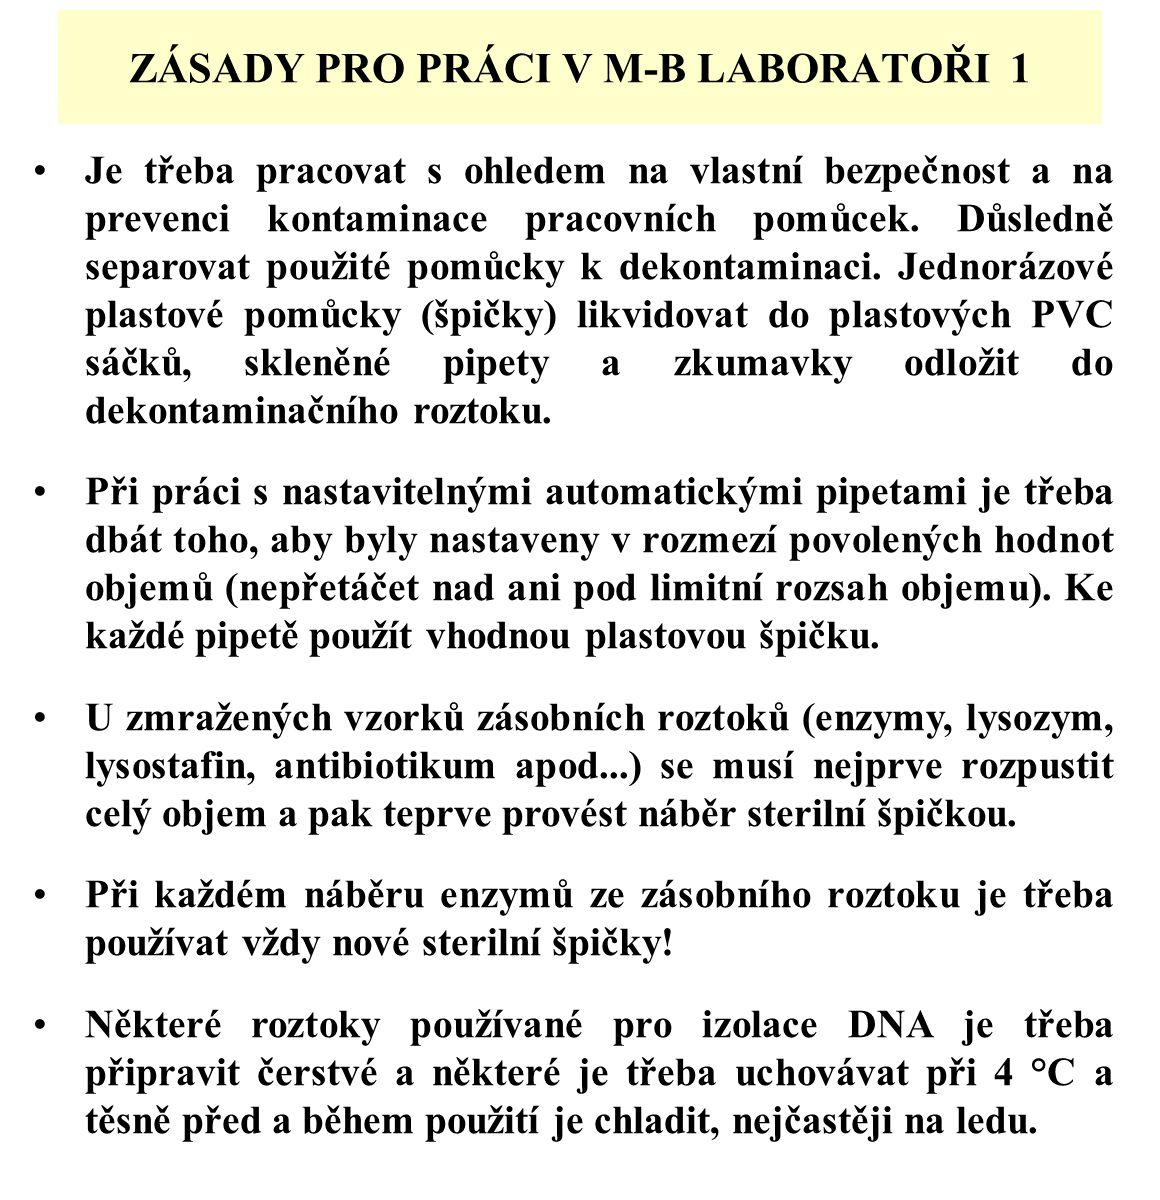 ZÁSADY PRO PRÁCI V M-B LABORATOŘI 2 Zásobní roztoky enzymů se uchovávají při –20 °C a při použití je třeba je mít uložené na ledu nebo v chladícím boxu.